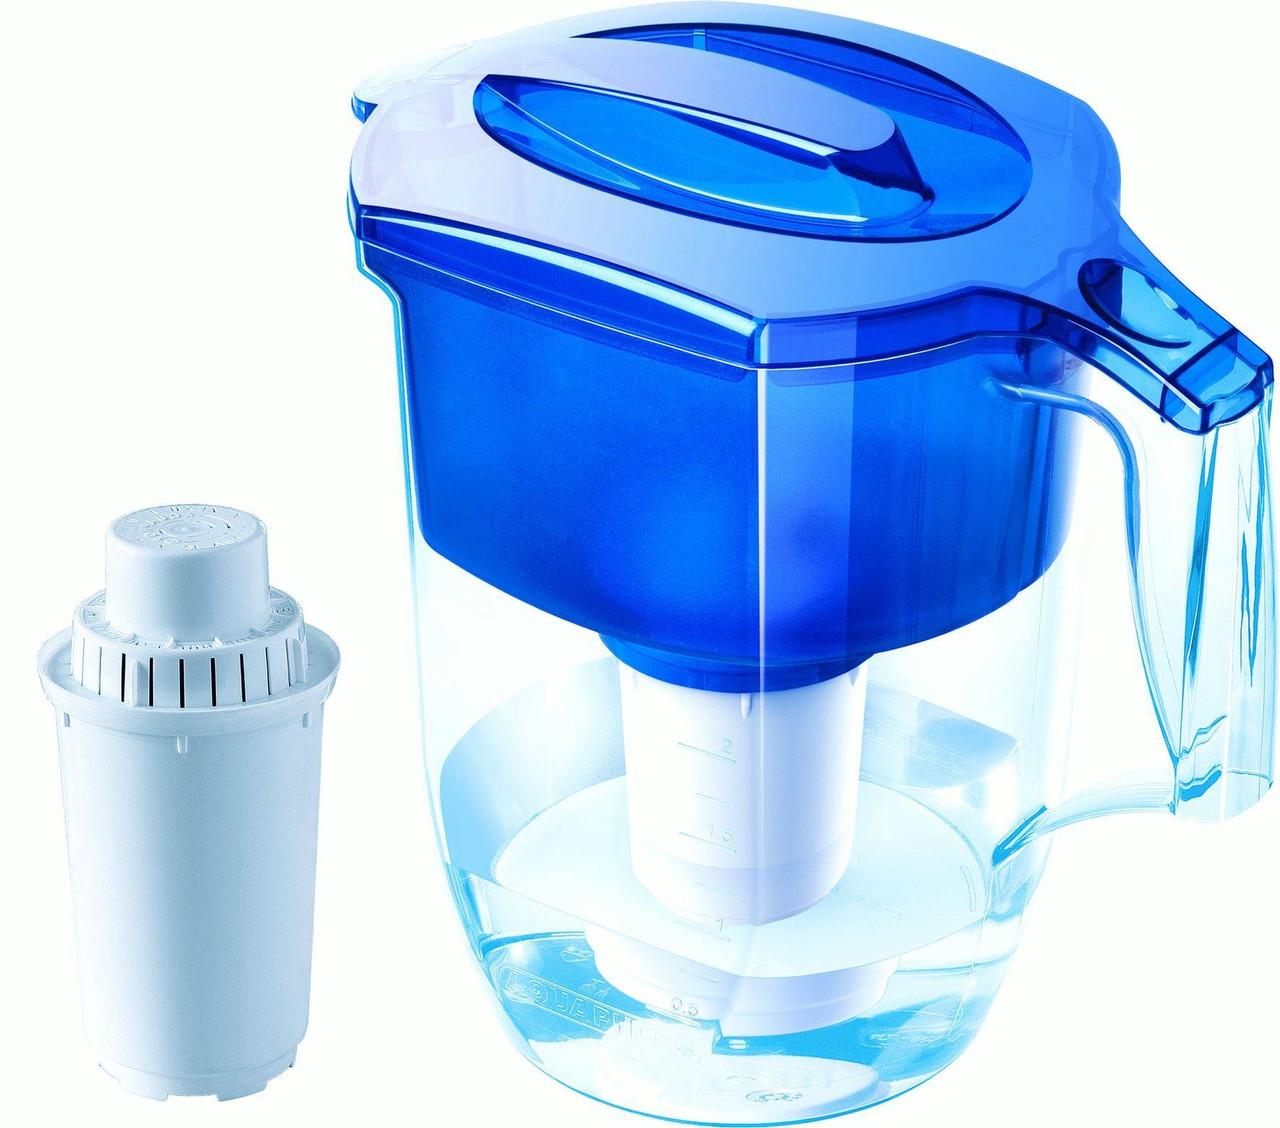 Фильтр-кувшин для воды: какой лучше выбрать для дома или дачи